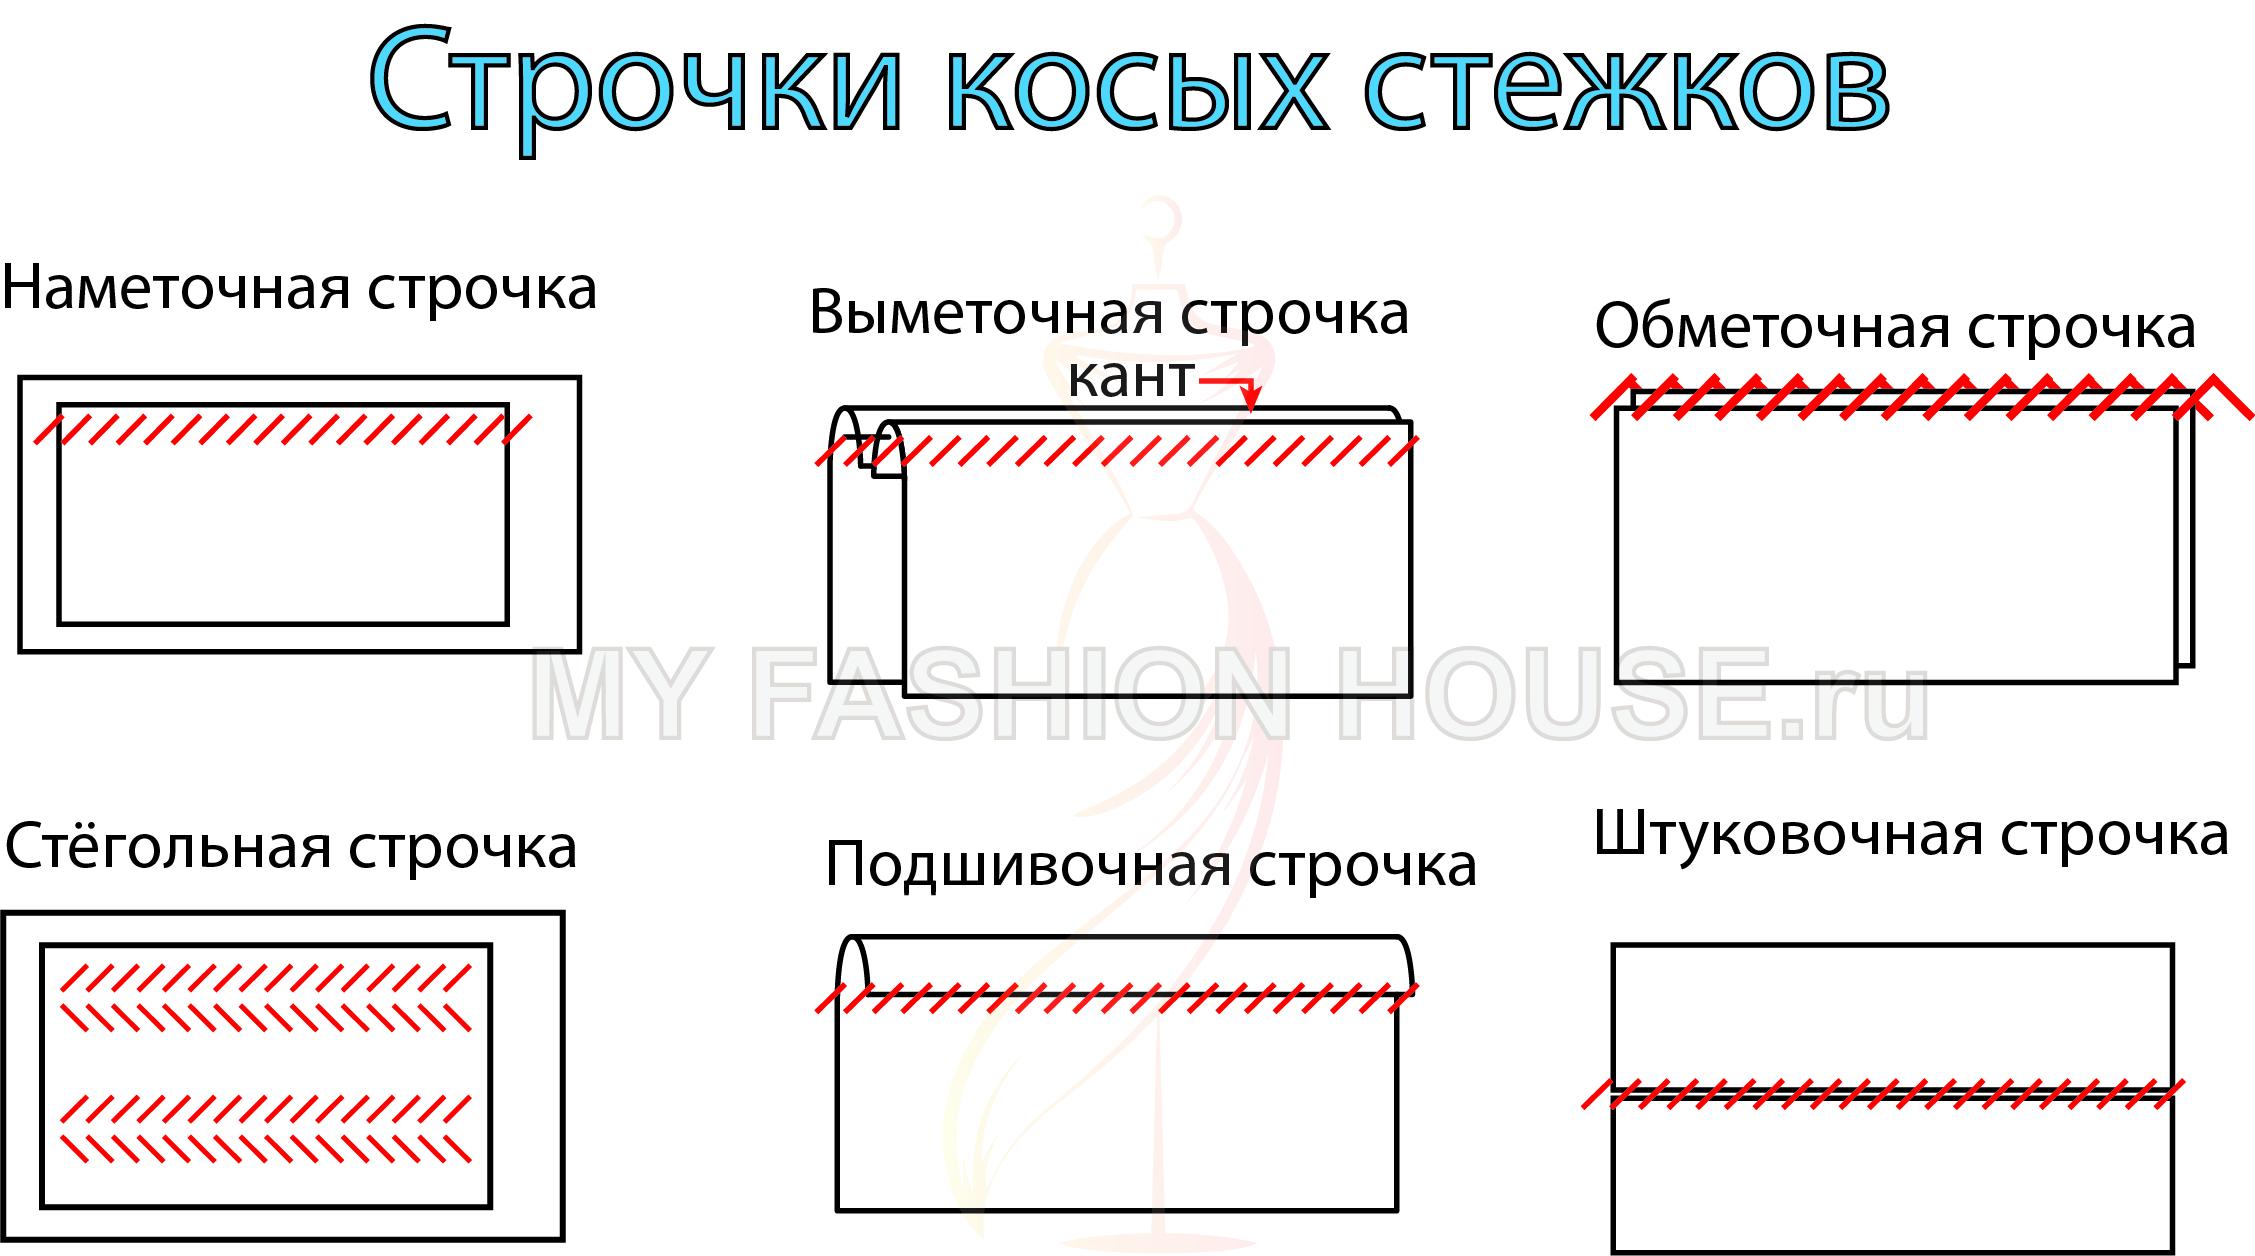 Швейные строчки   основные виды строчек и операций швейной машины